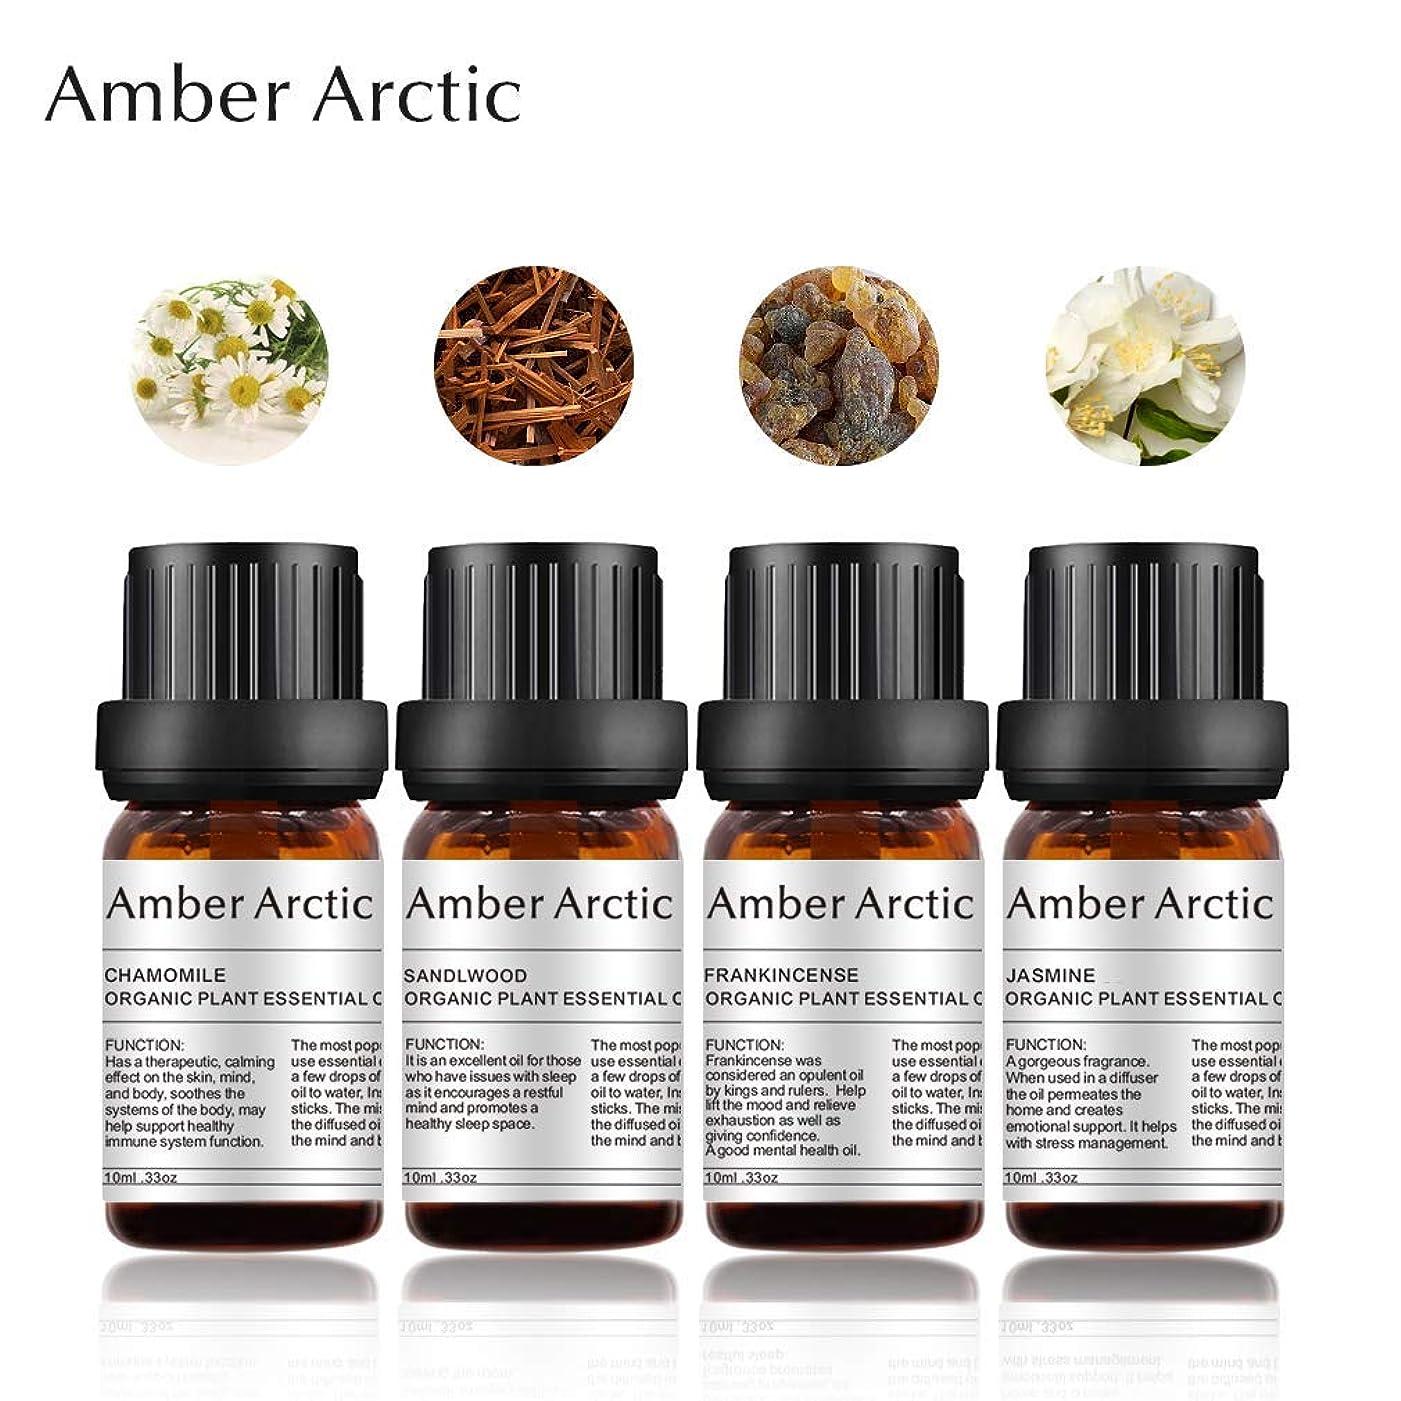 同一性ピニオン不可能なAmber Arctic 4 パック 精油 セット、 100% 純粋 天然 アロマ 最良 治療 グレード エッセンシャル オイル (ジャスミン、 カモミール、 サンダルウッド、 フランキンセンス)